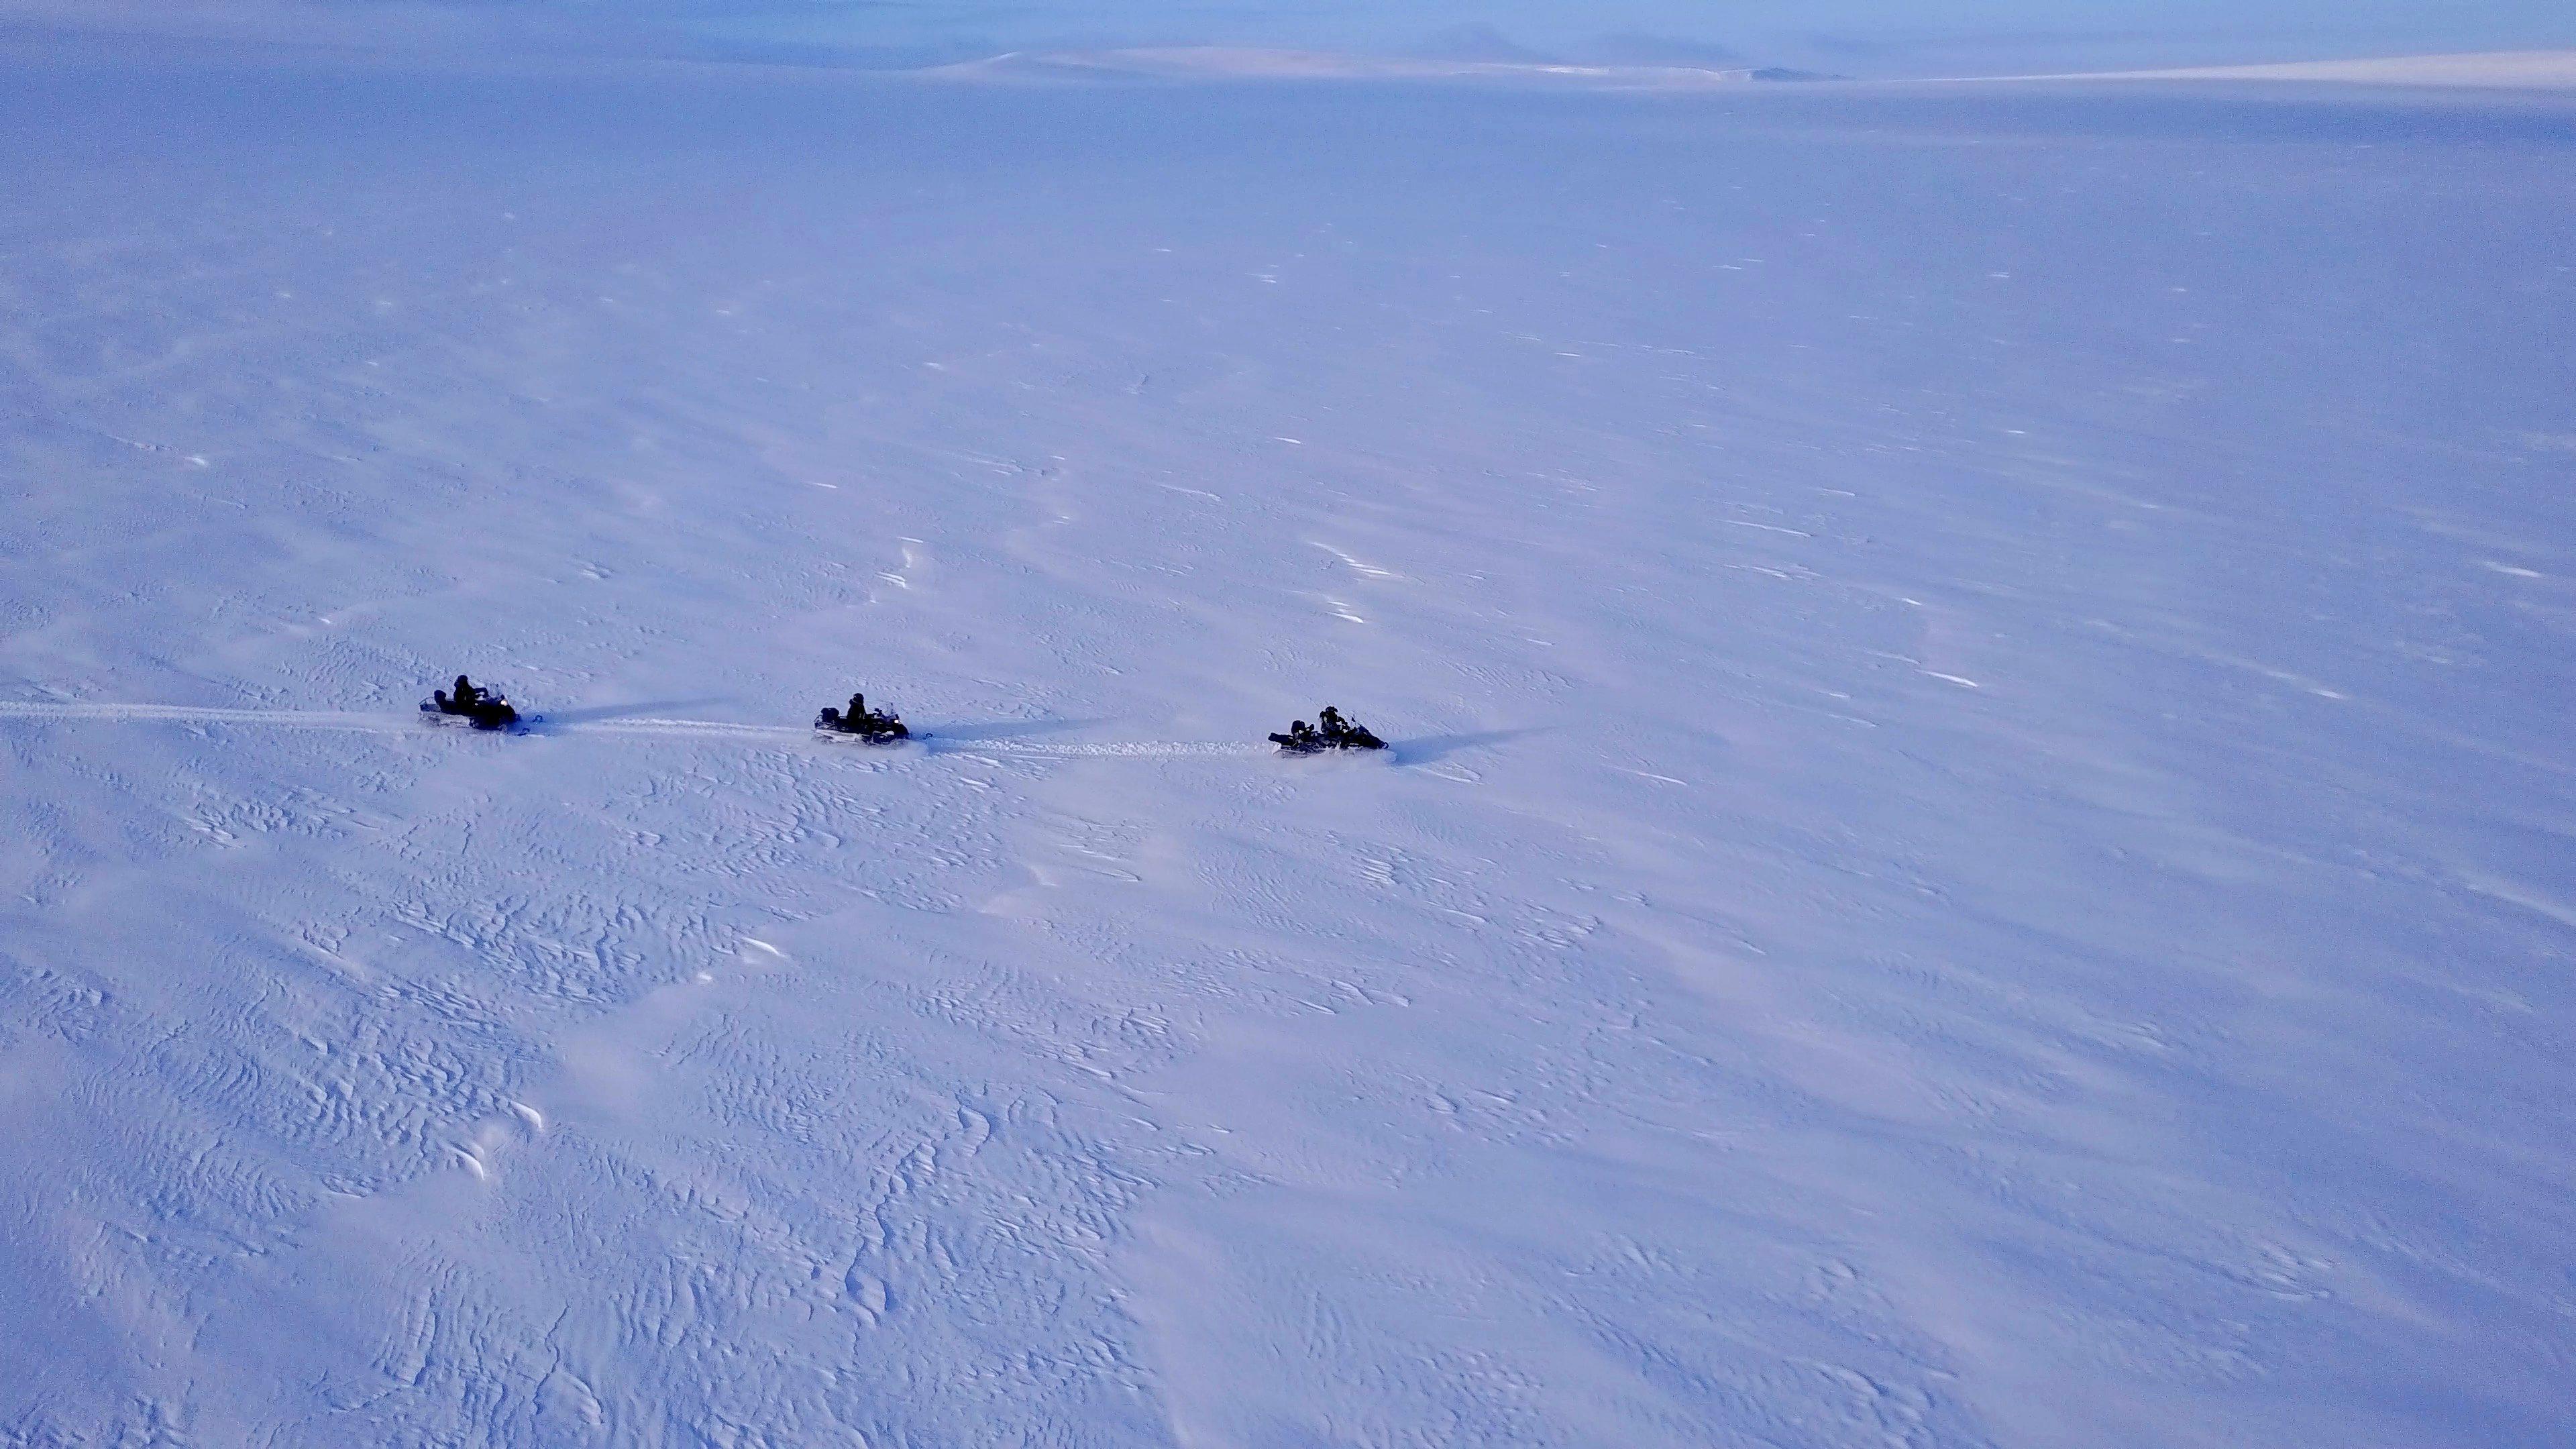 Across Ulverbreen Spitsbergen Svalbard